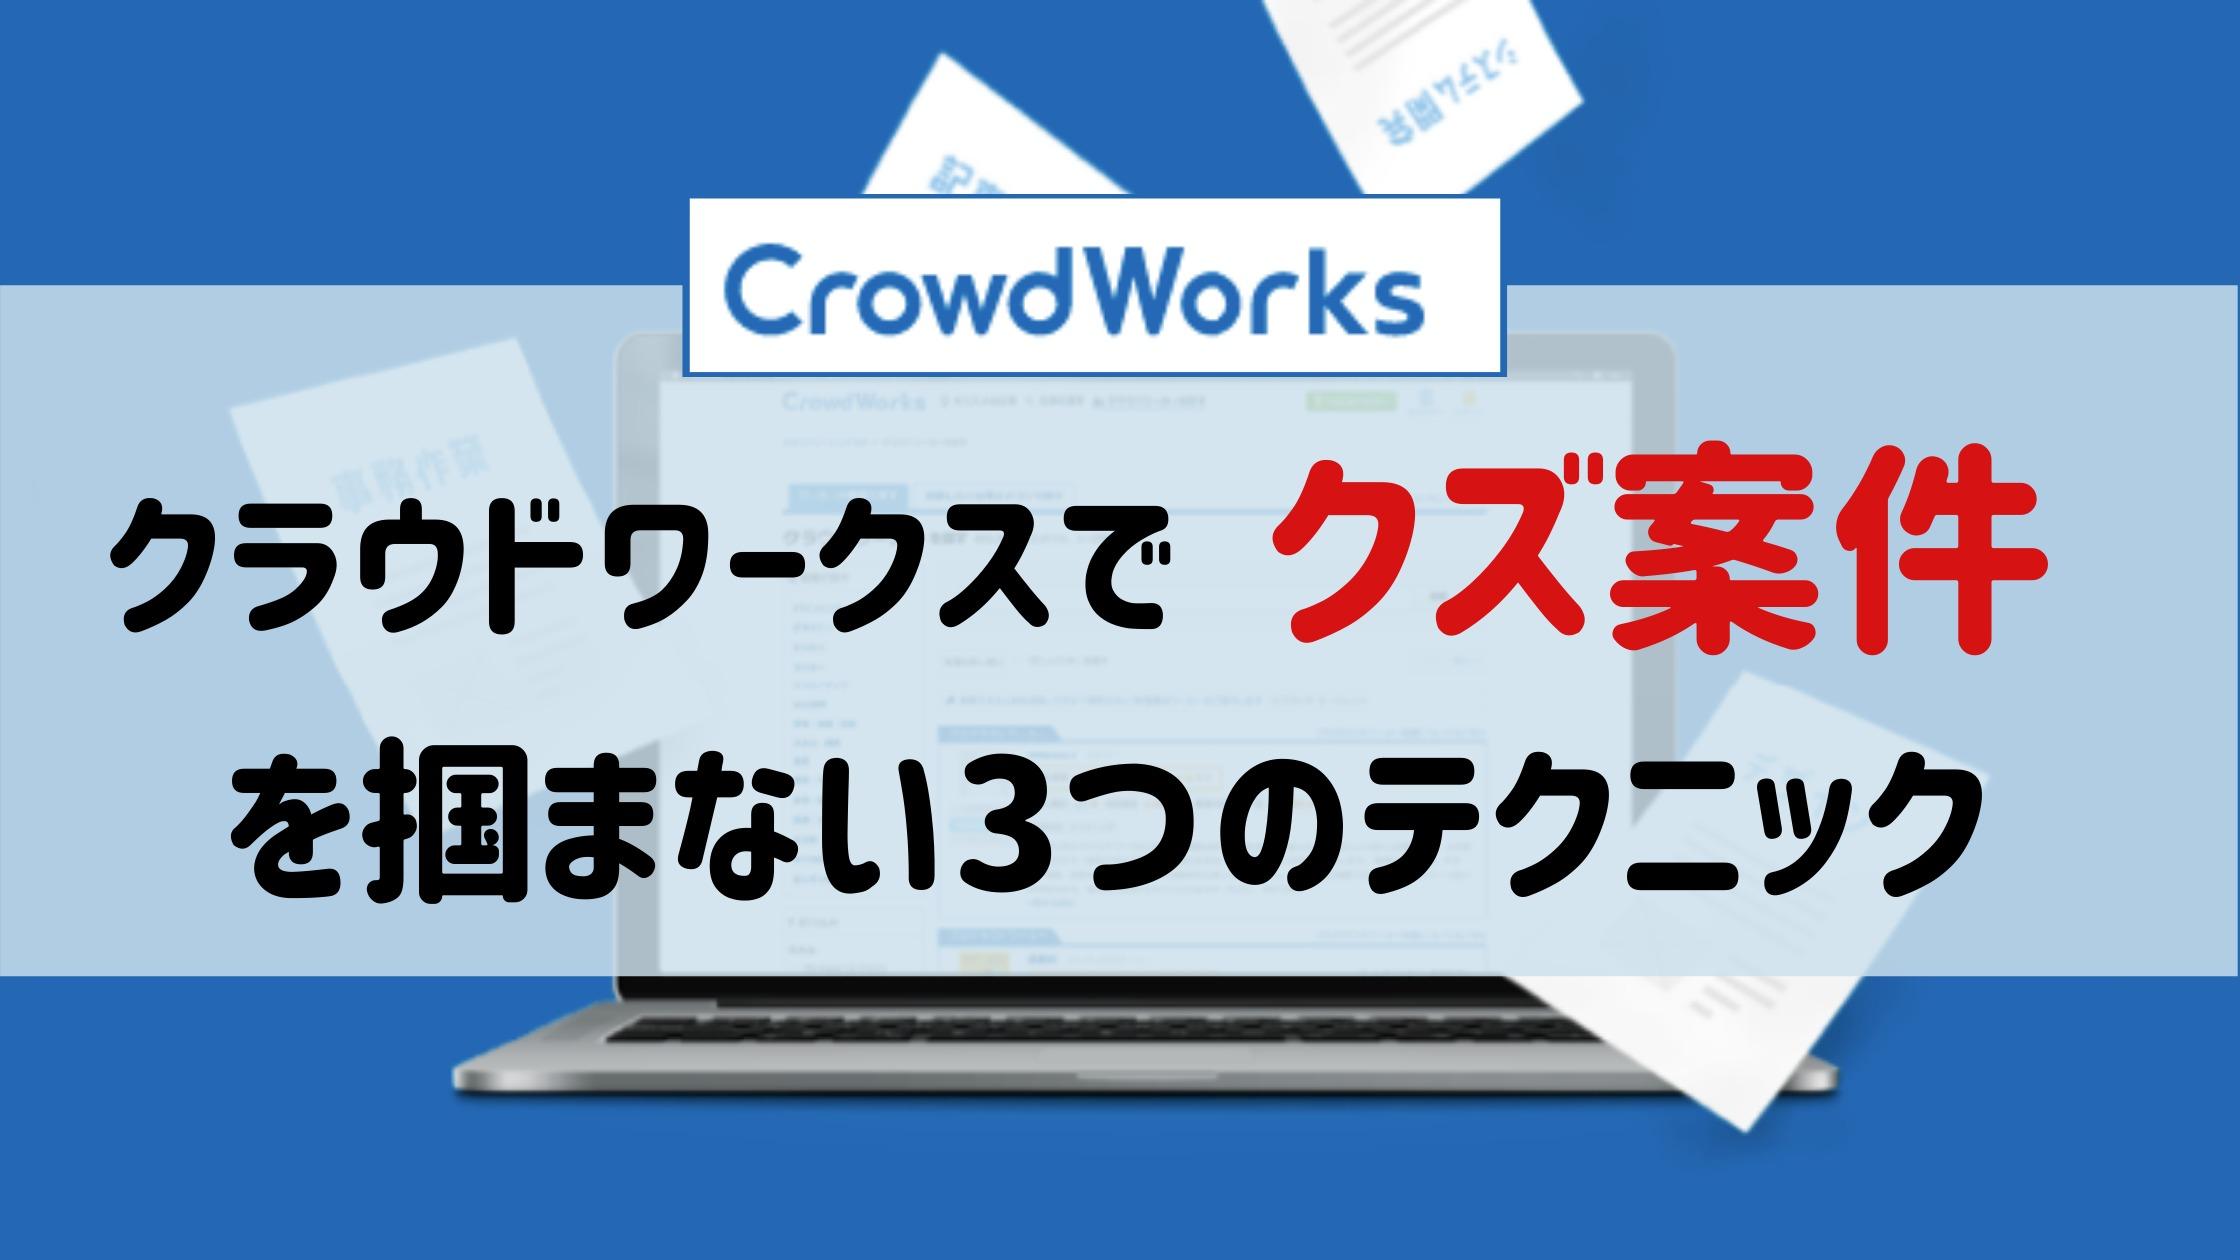 クラウドワークス 案件 副業 テクニック crowdworks